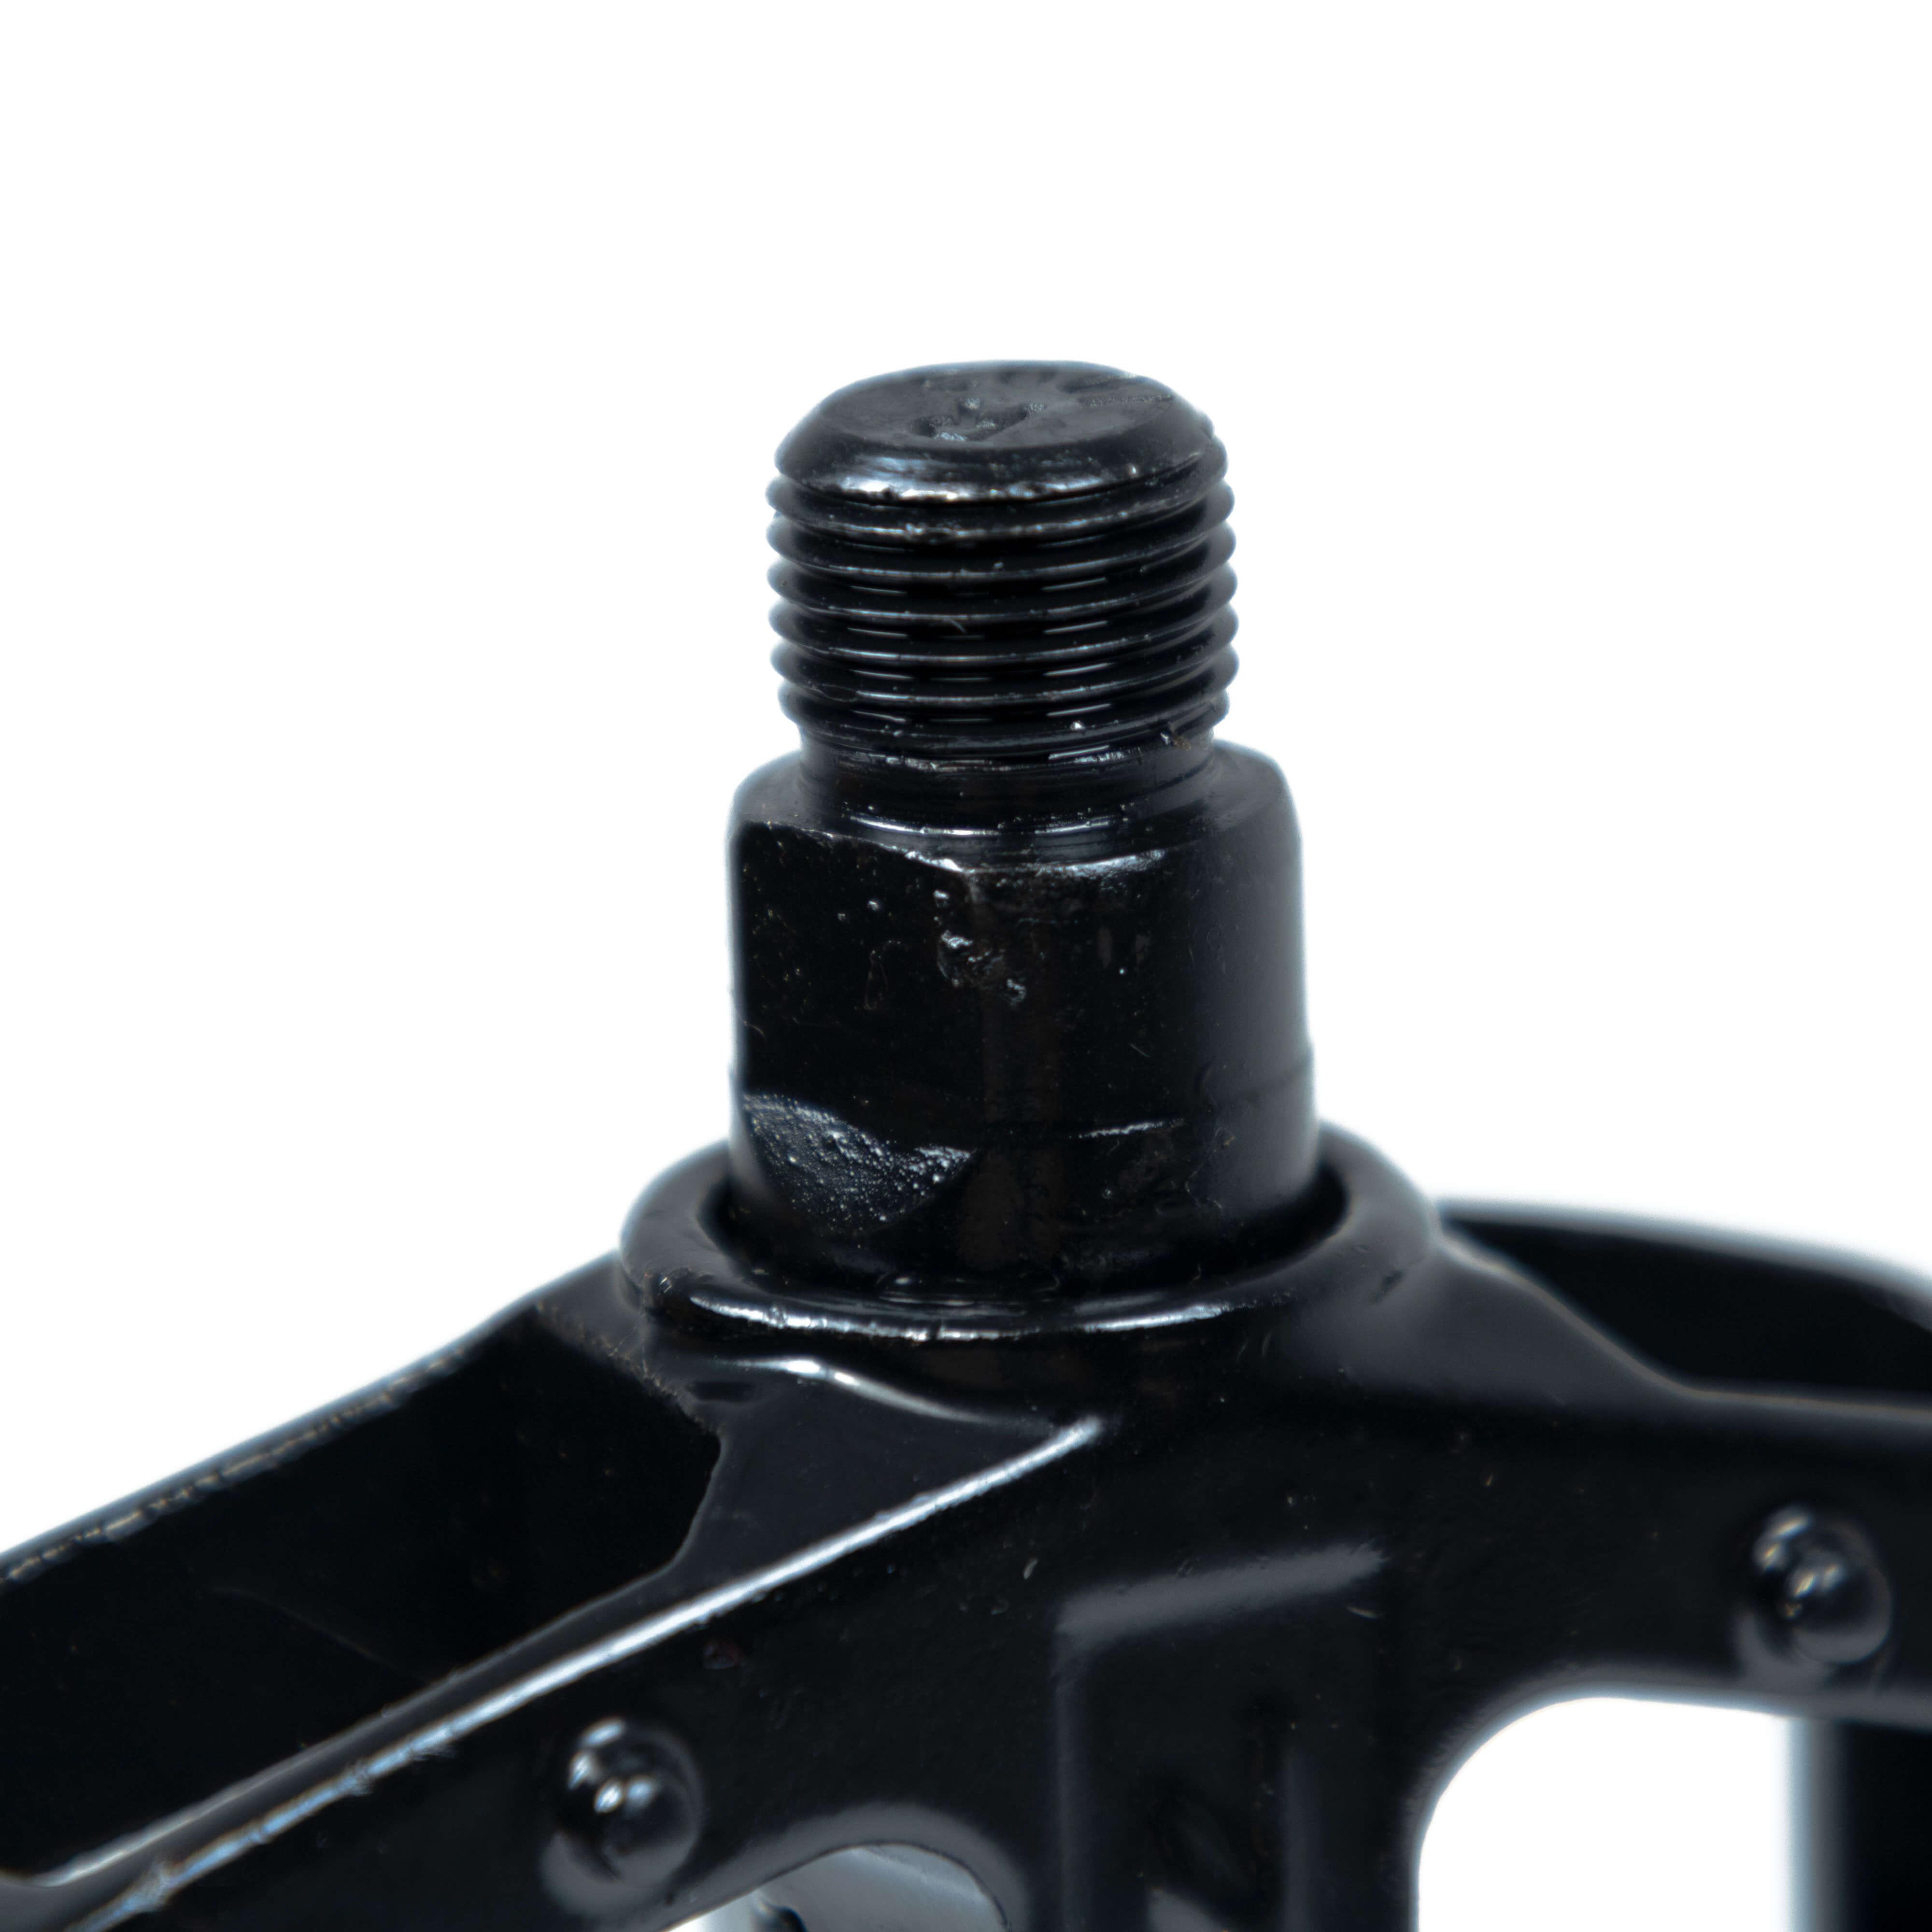 Pedal Plataforma BIG II mtb 5